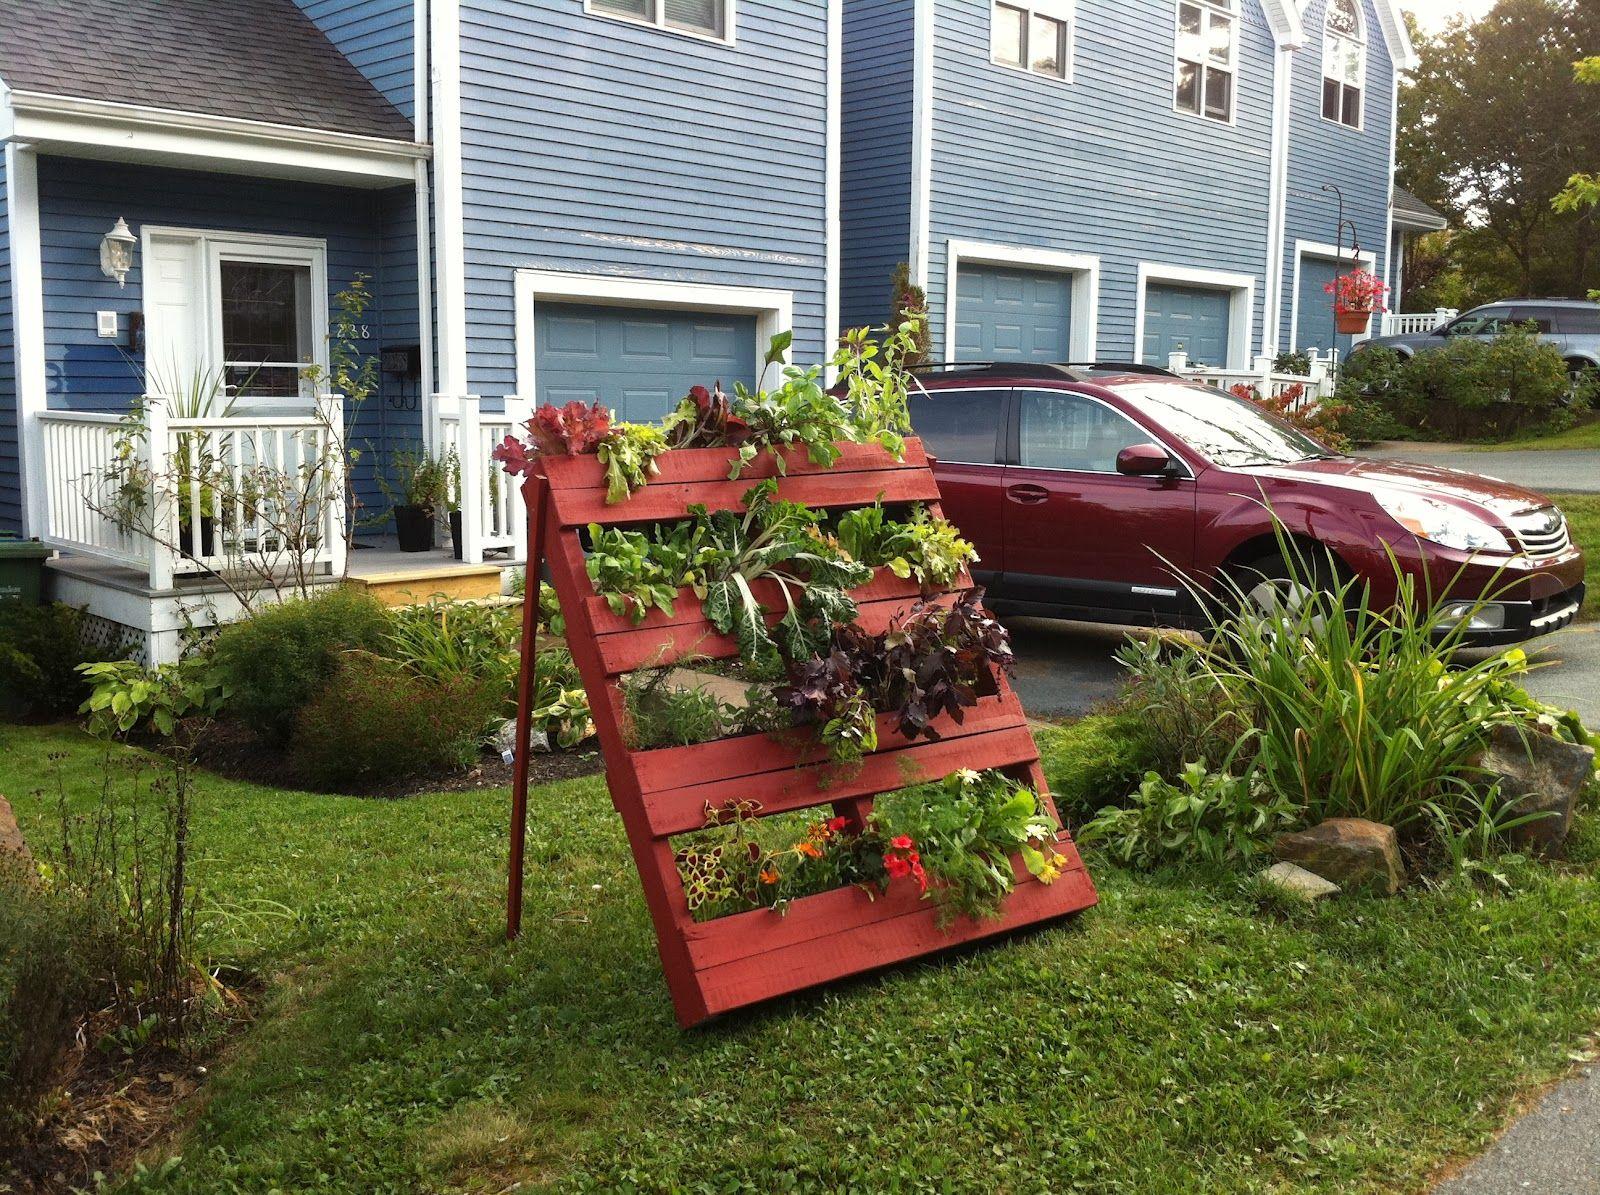 jabbour the year round veggie gardener a vertical - Jardin Vertical Con Palets